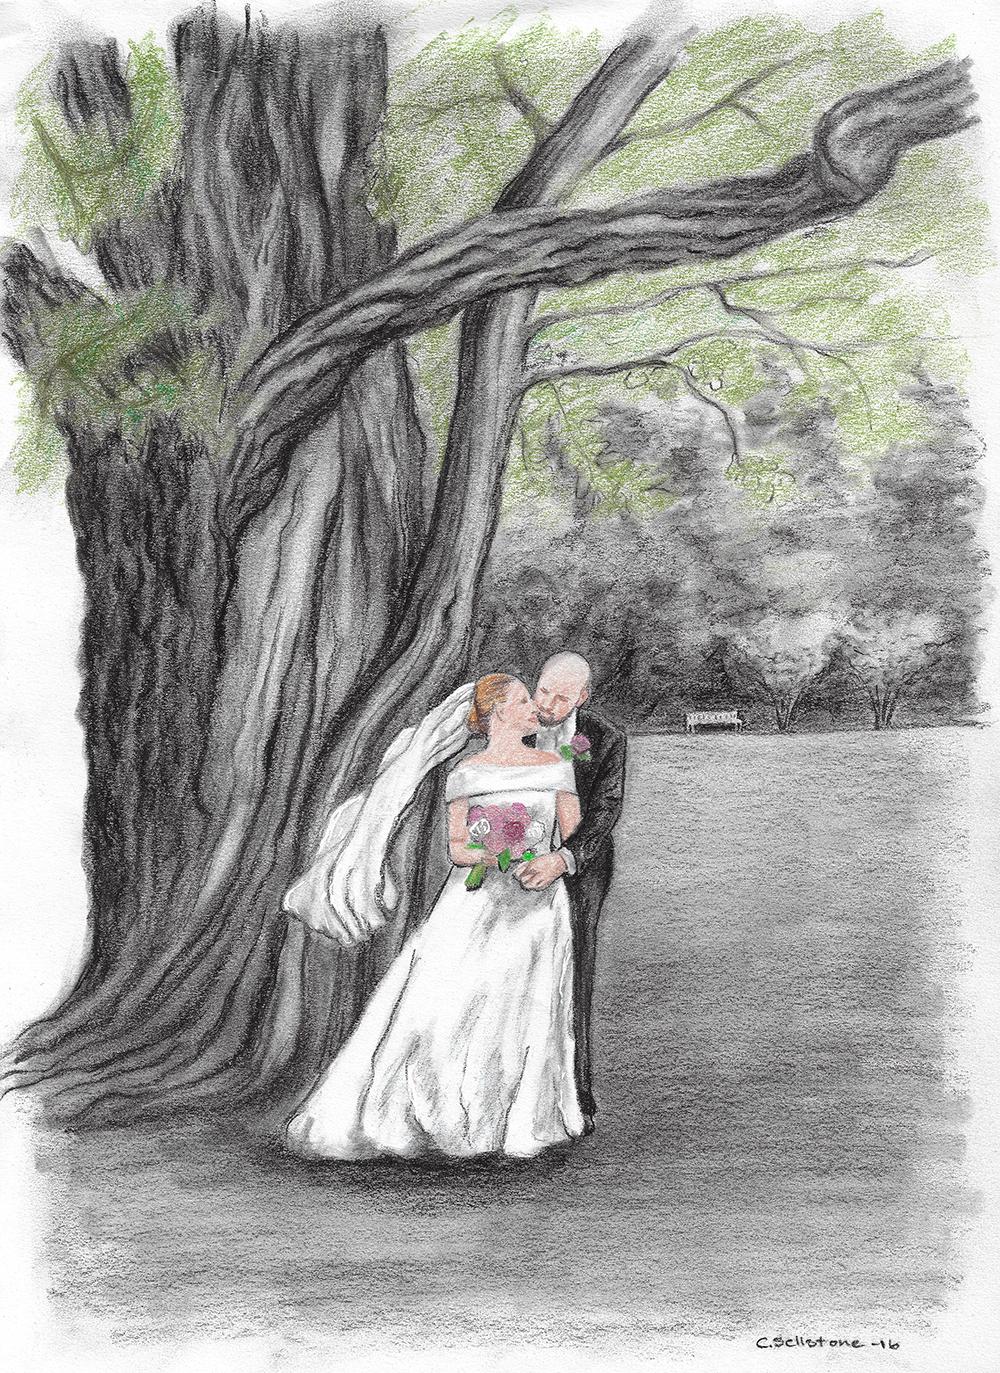 jonas och hanna wedding bröllop.jpg